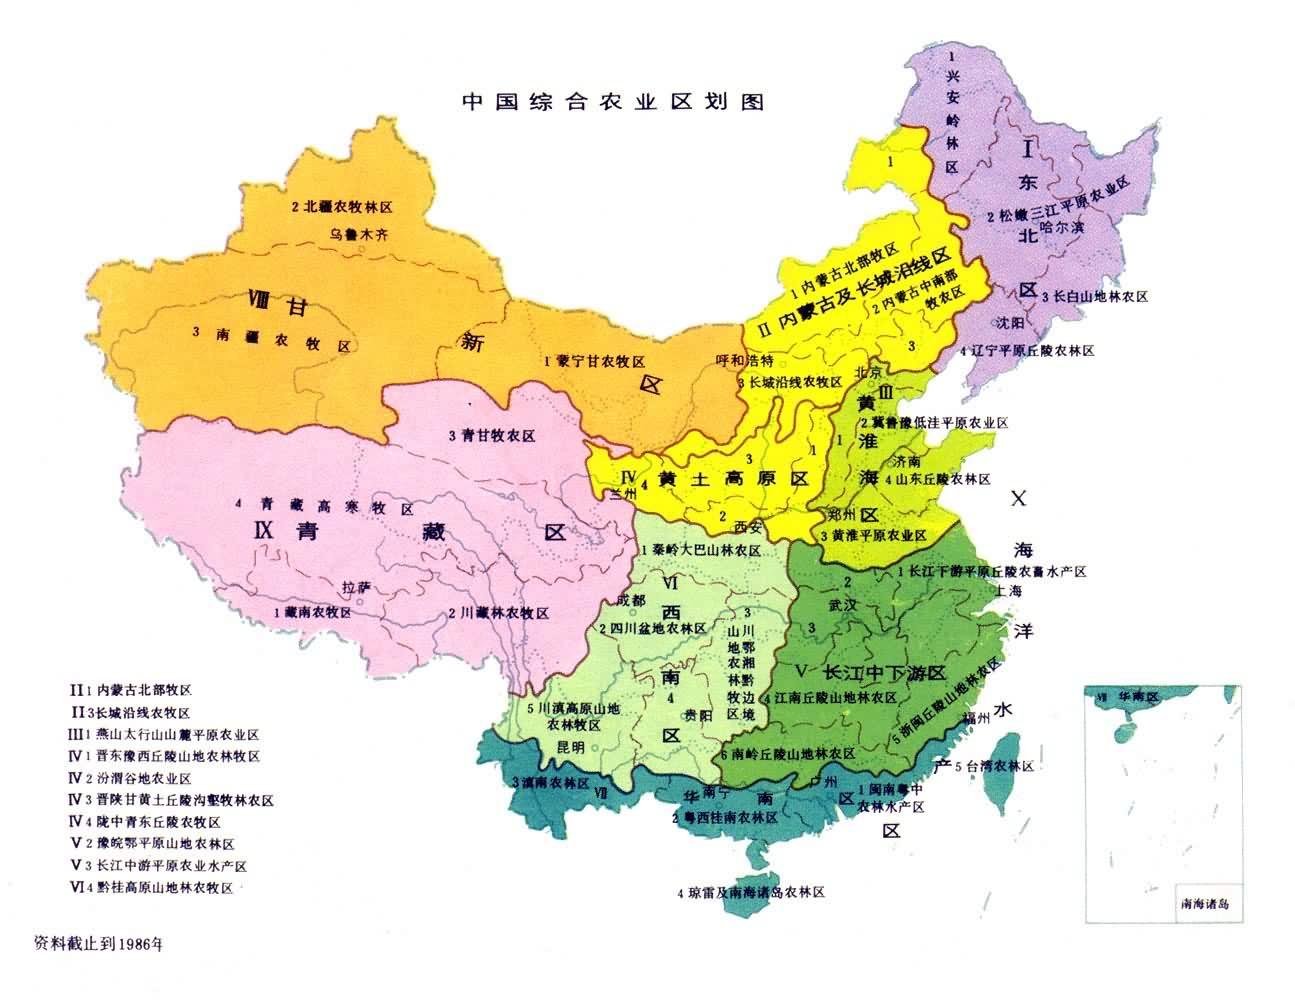 我国四大地理区域图_亲,帮忙找一张全面的有颜色划分的中国行政区域划分图_百度知道